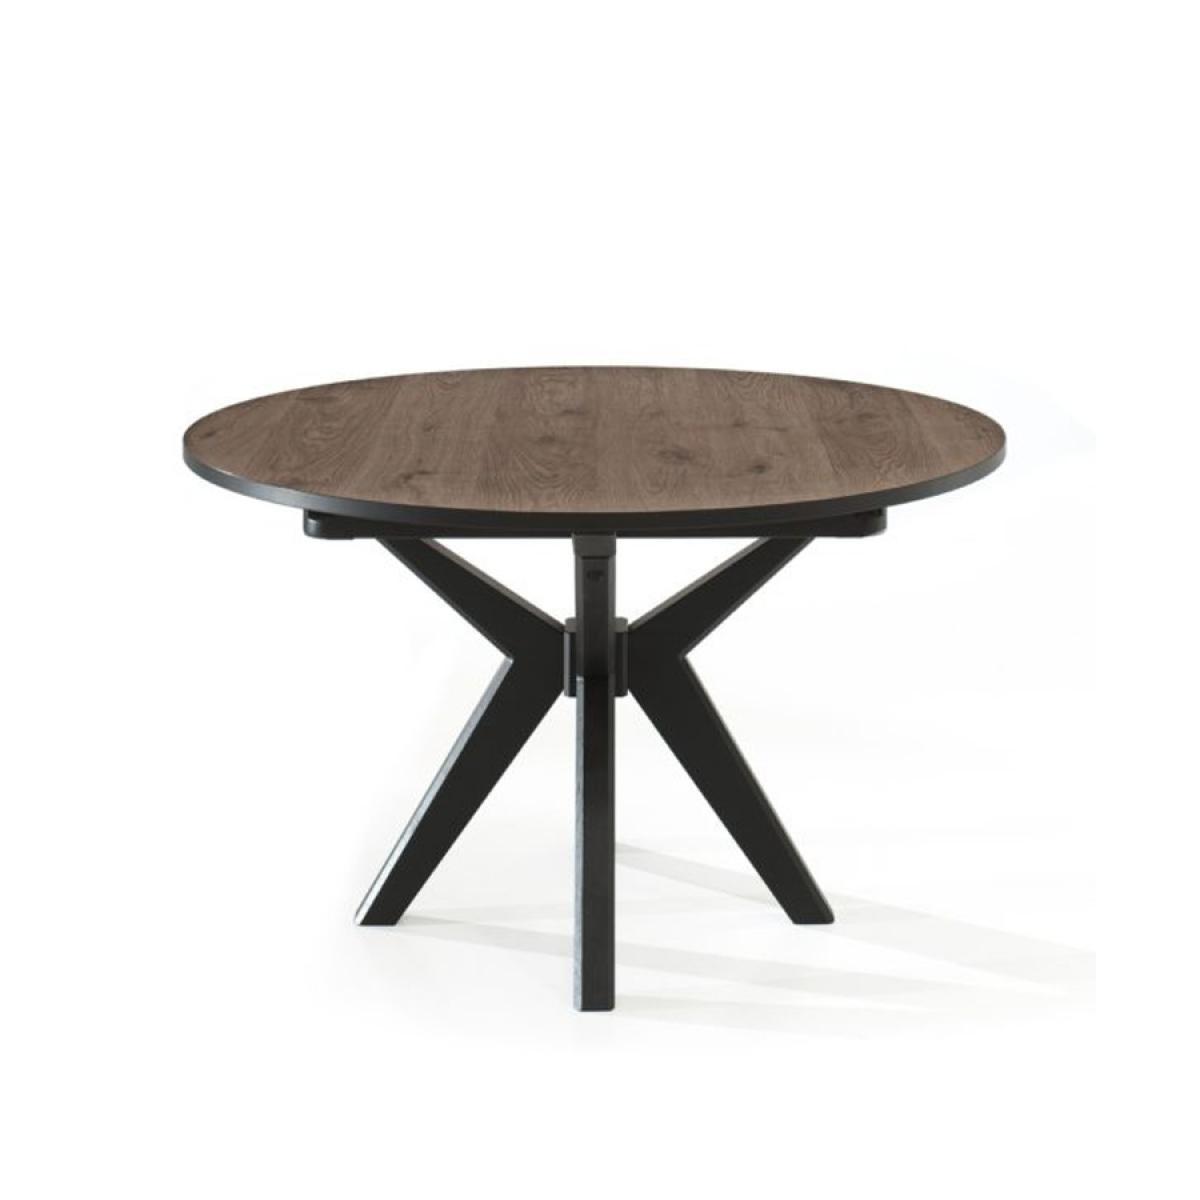 Nouvomeuble Table ronde 130 cm couleur chêne foncé ESTELLE